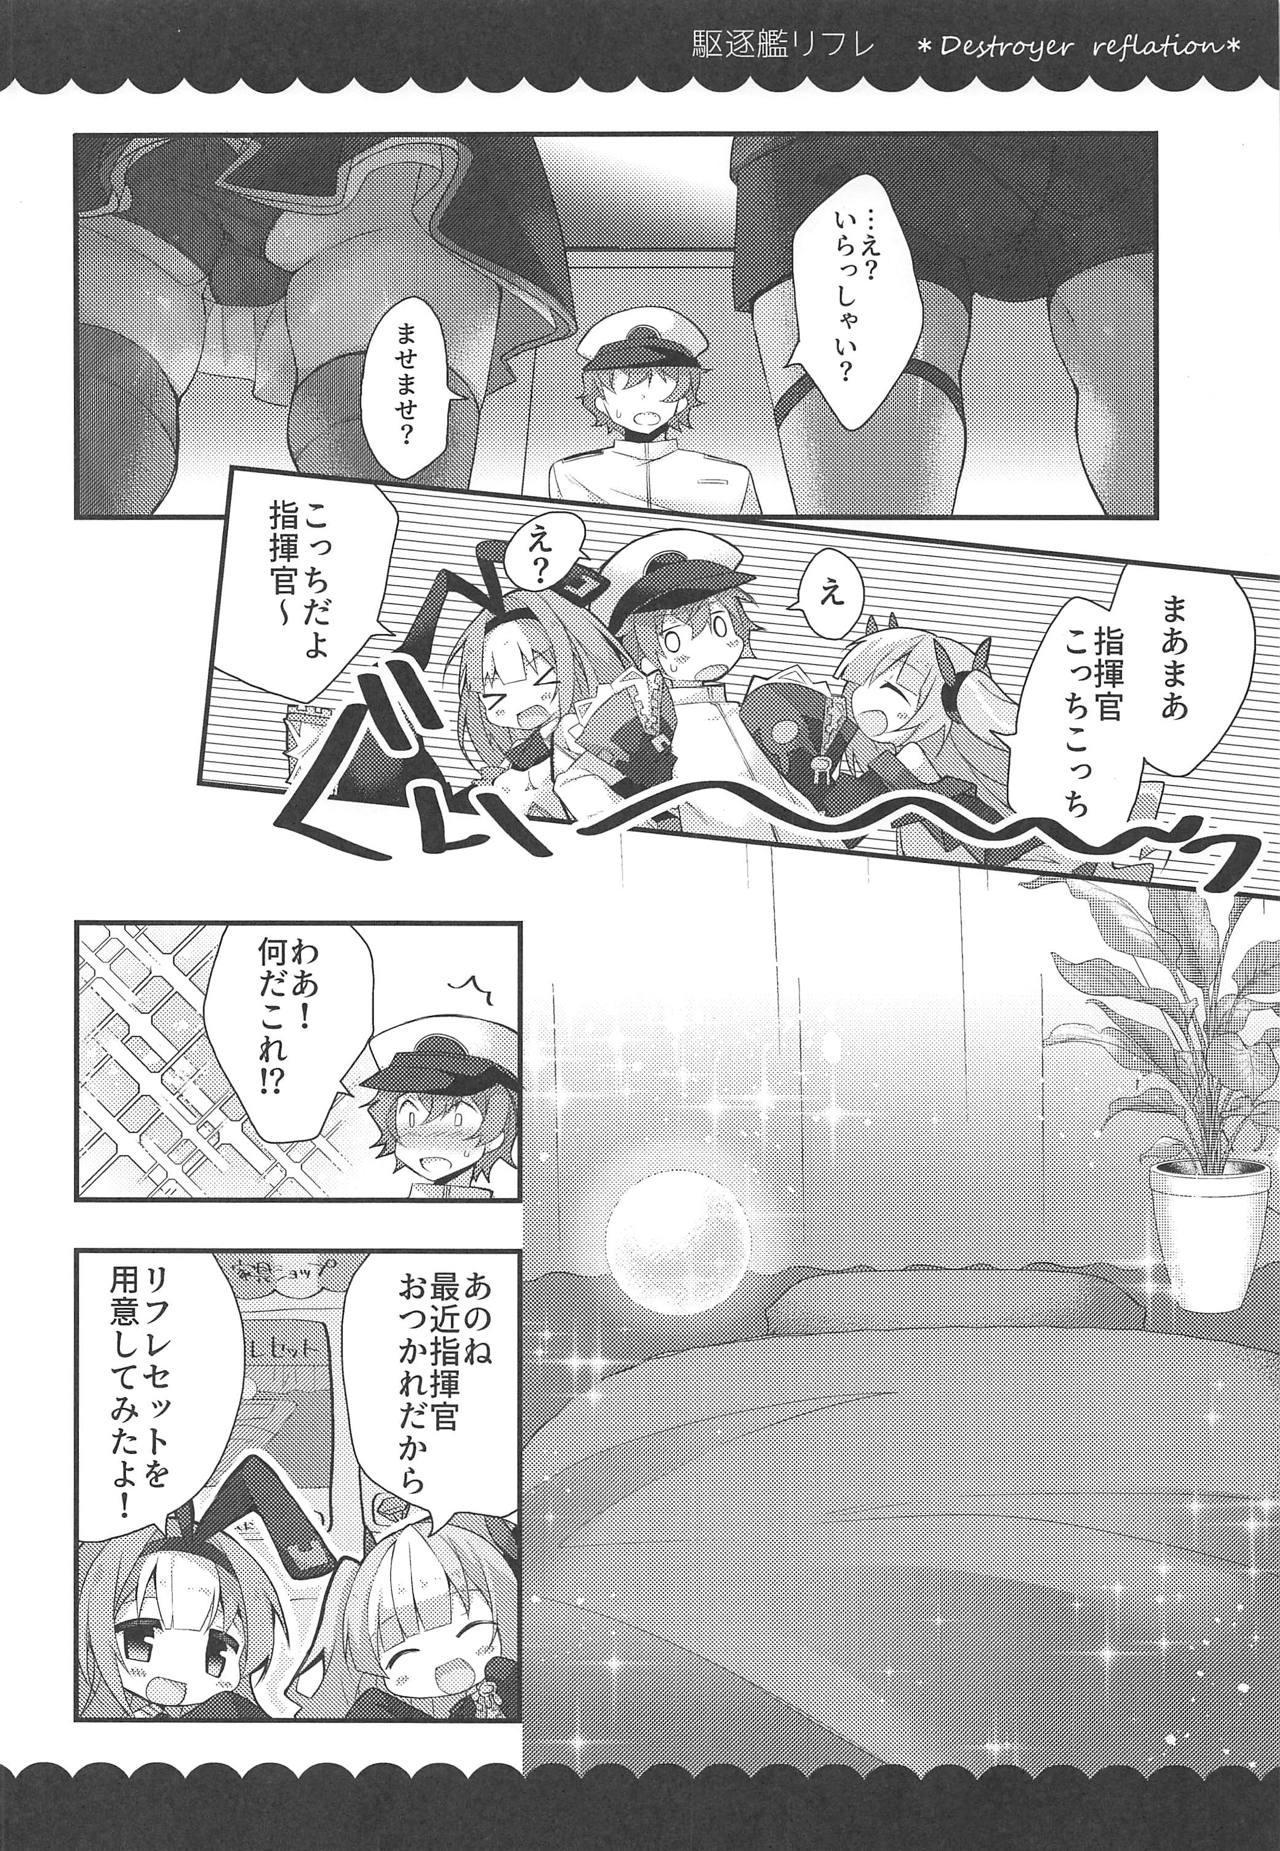 Kalk to Hobby no Kuchikukan Refla 4